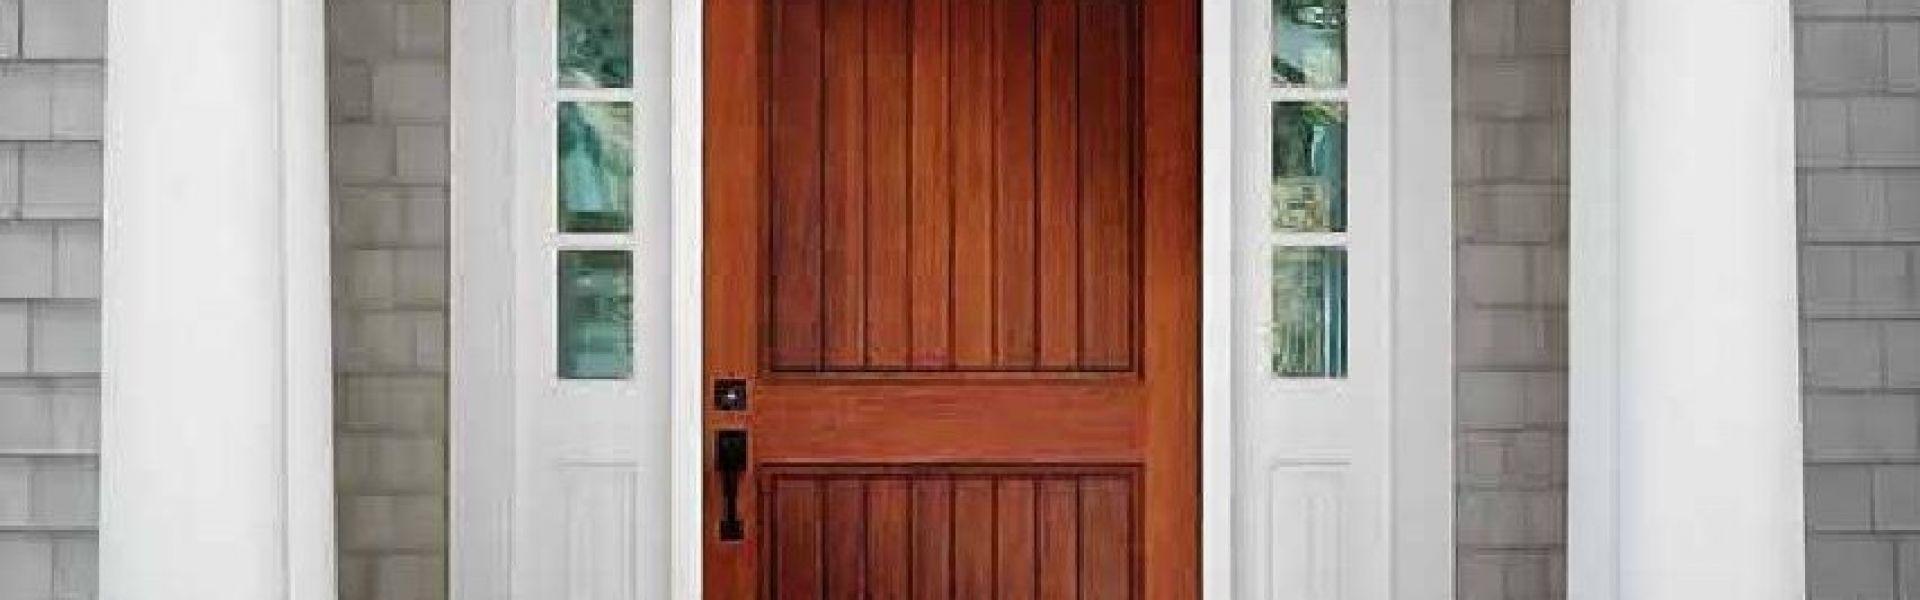 Clasimex.com Part II - Custom Wood Exterior Doors Wood Topics